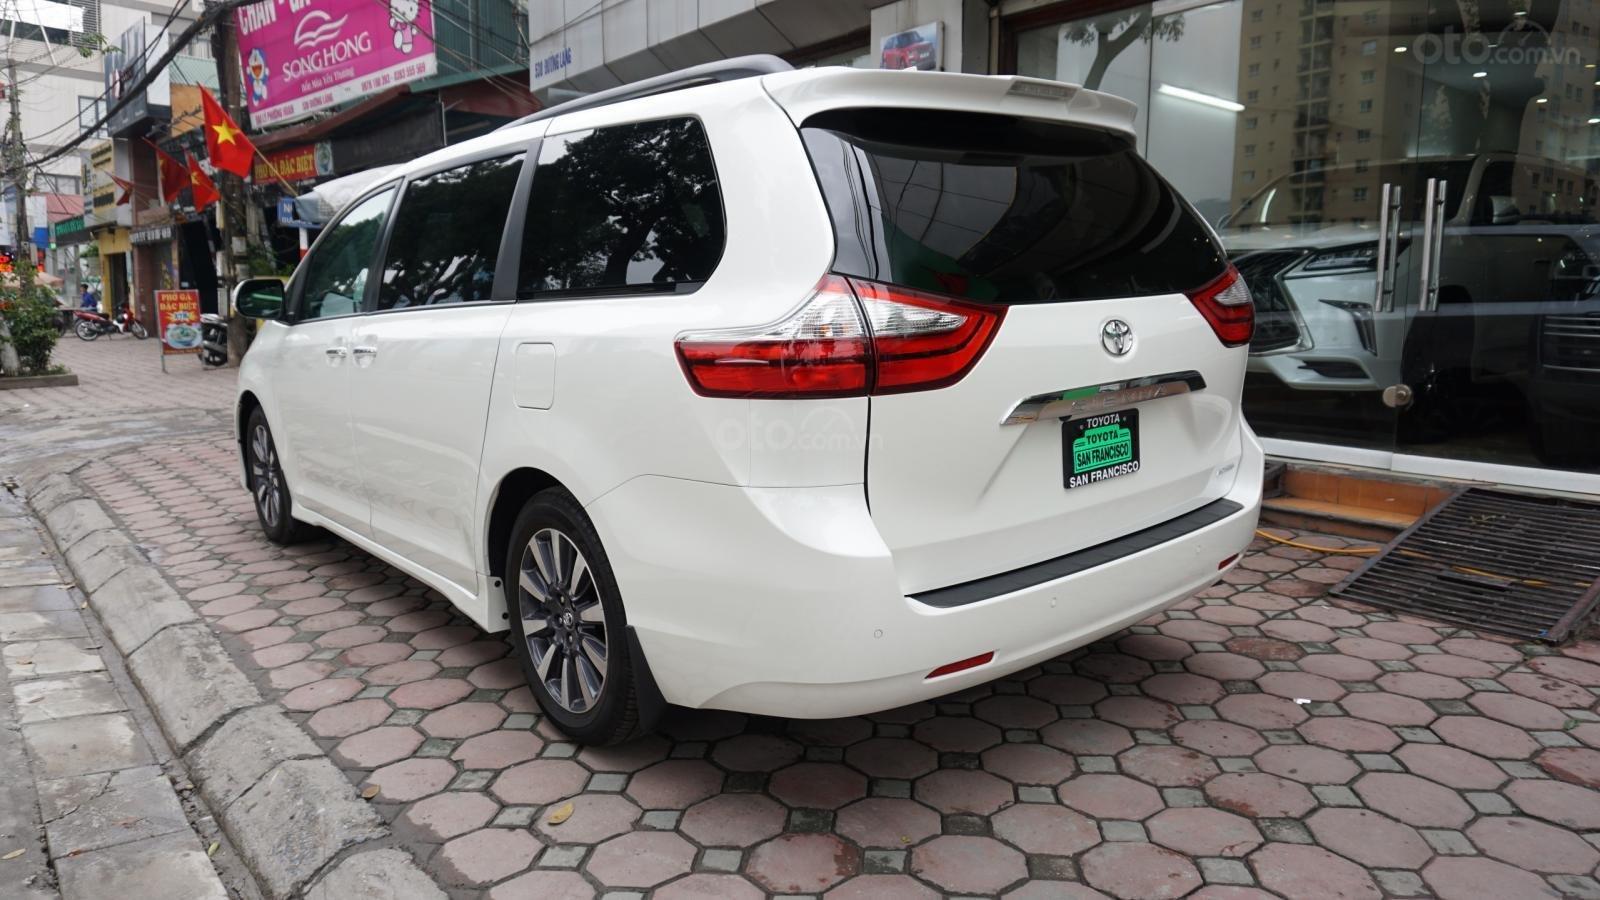 Bán Toyota Sienna Limited 1 cầu 2020 giao ngay, giá tốt nhất, LH 094.539.2468 Ms Hương (4)